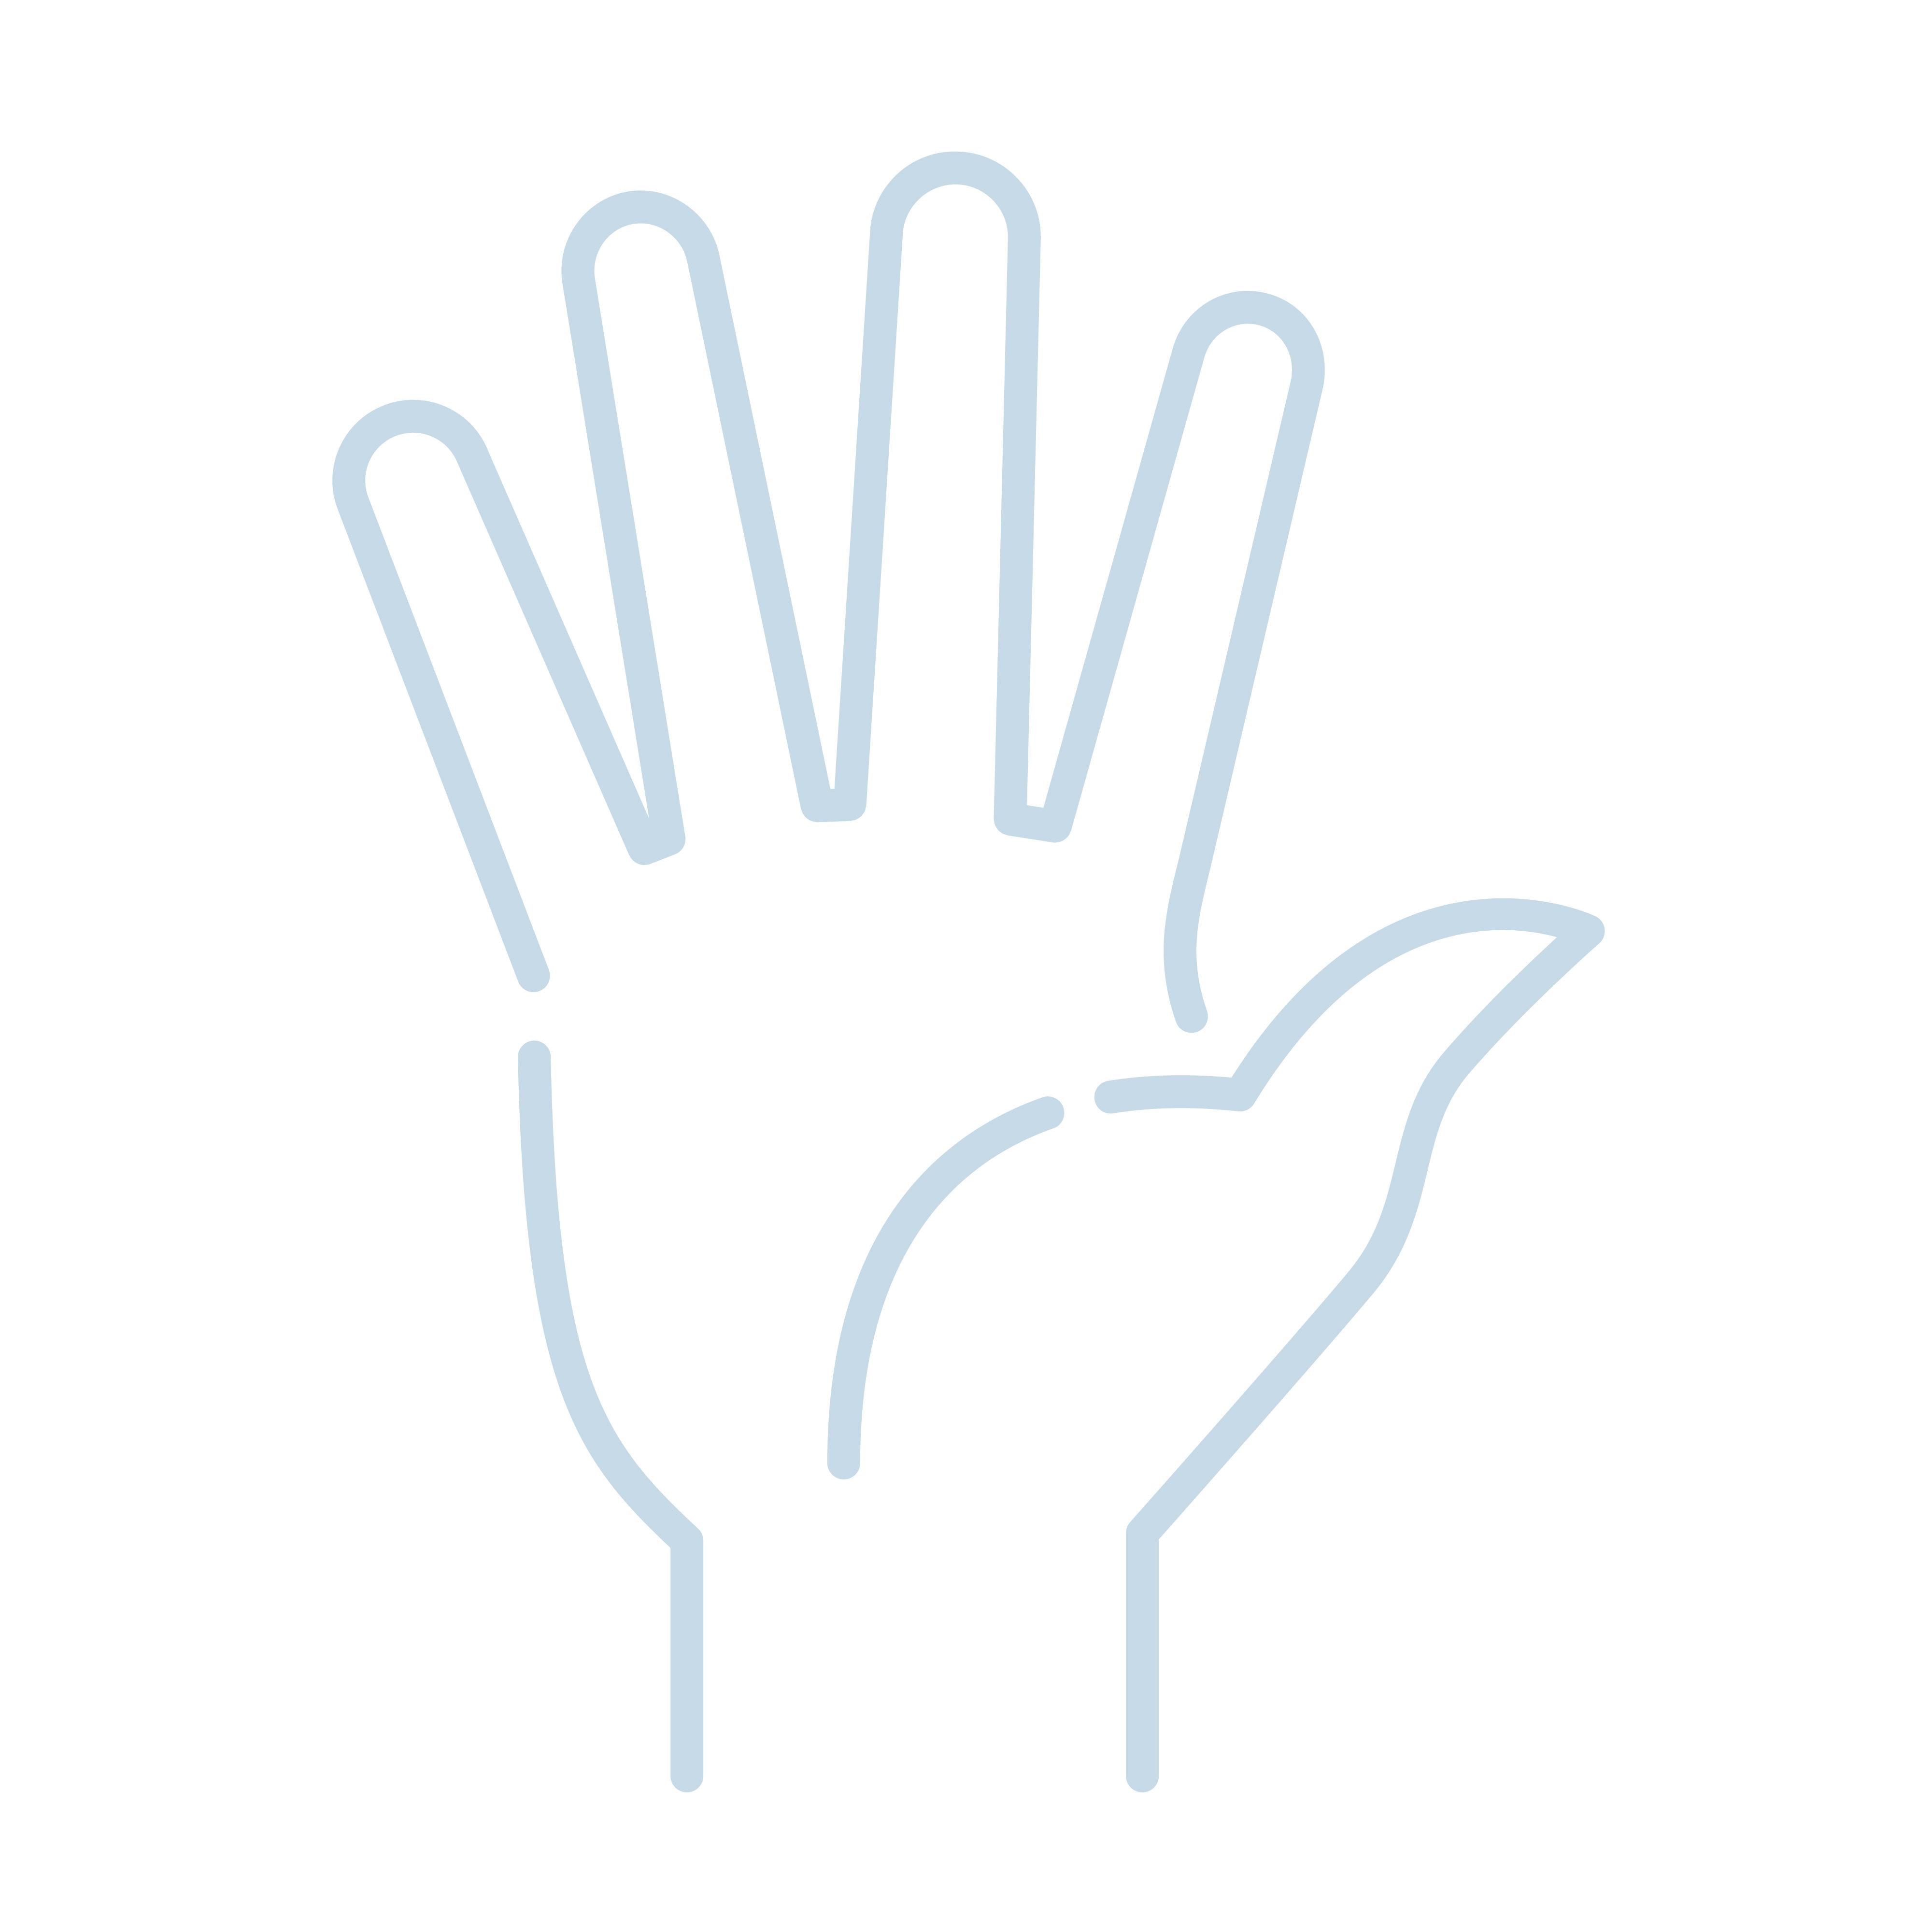 OSU Hand Icon